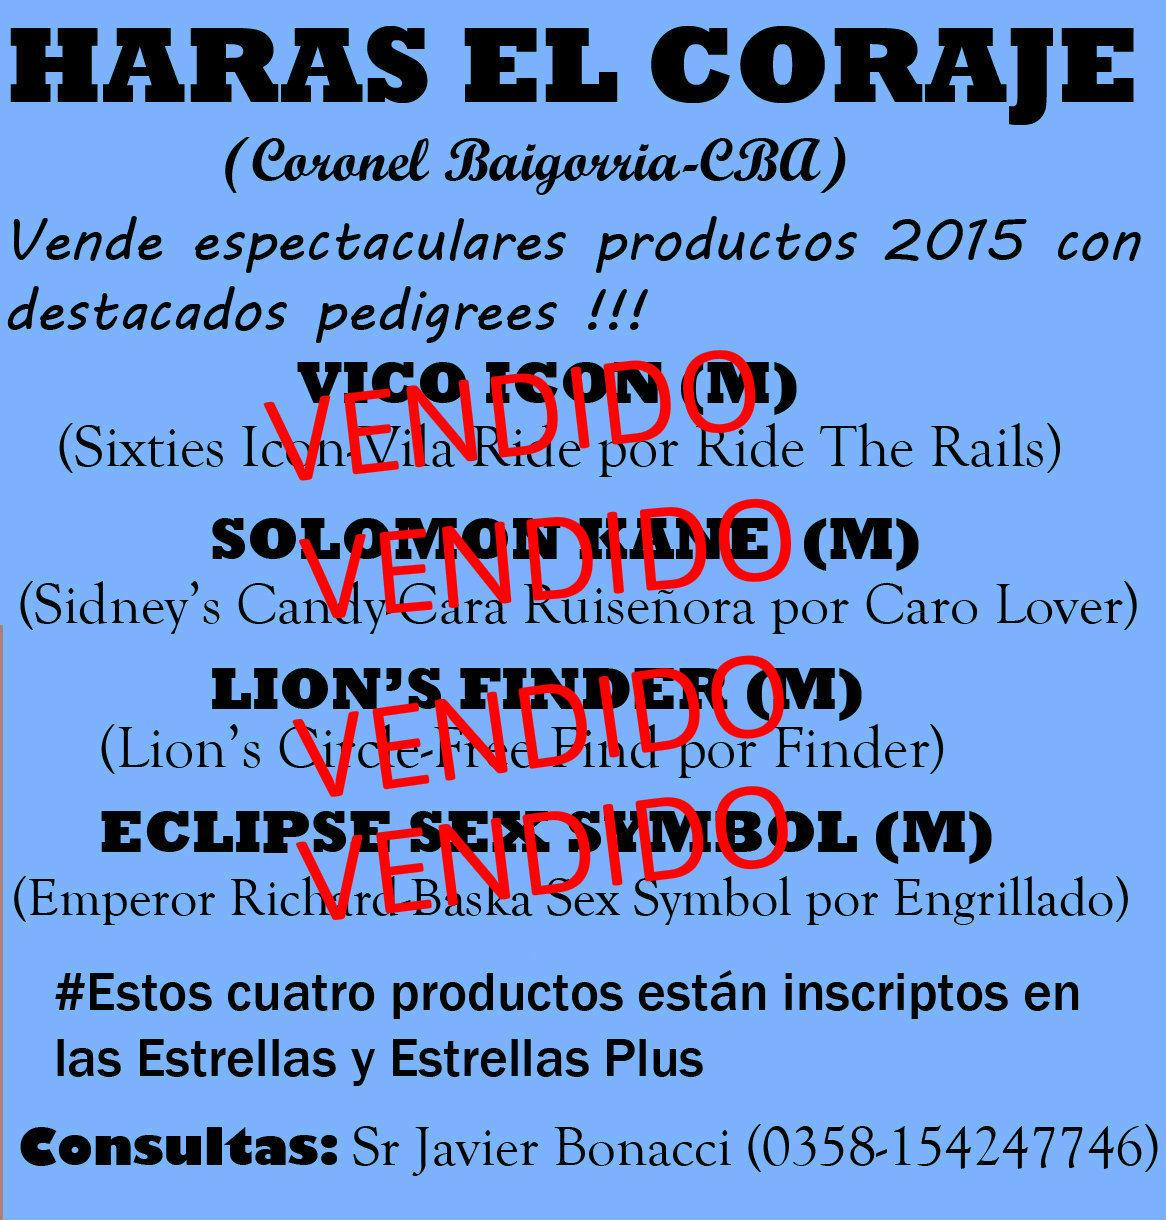 HS EL CORAJE 1